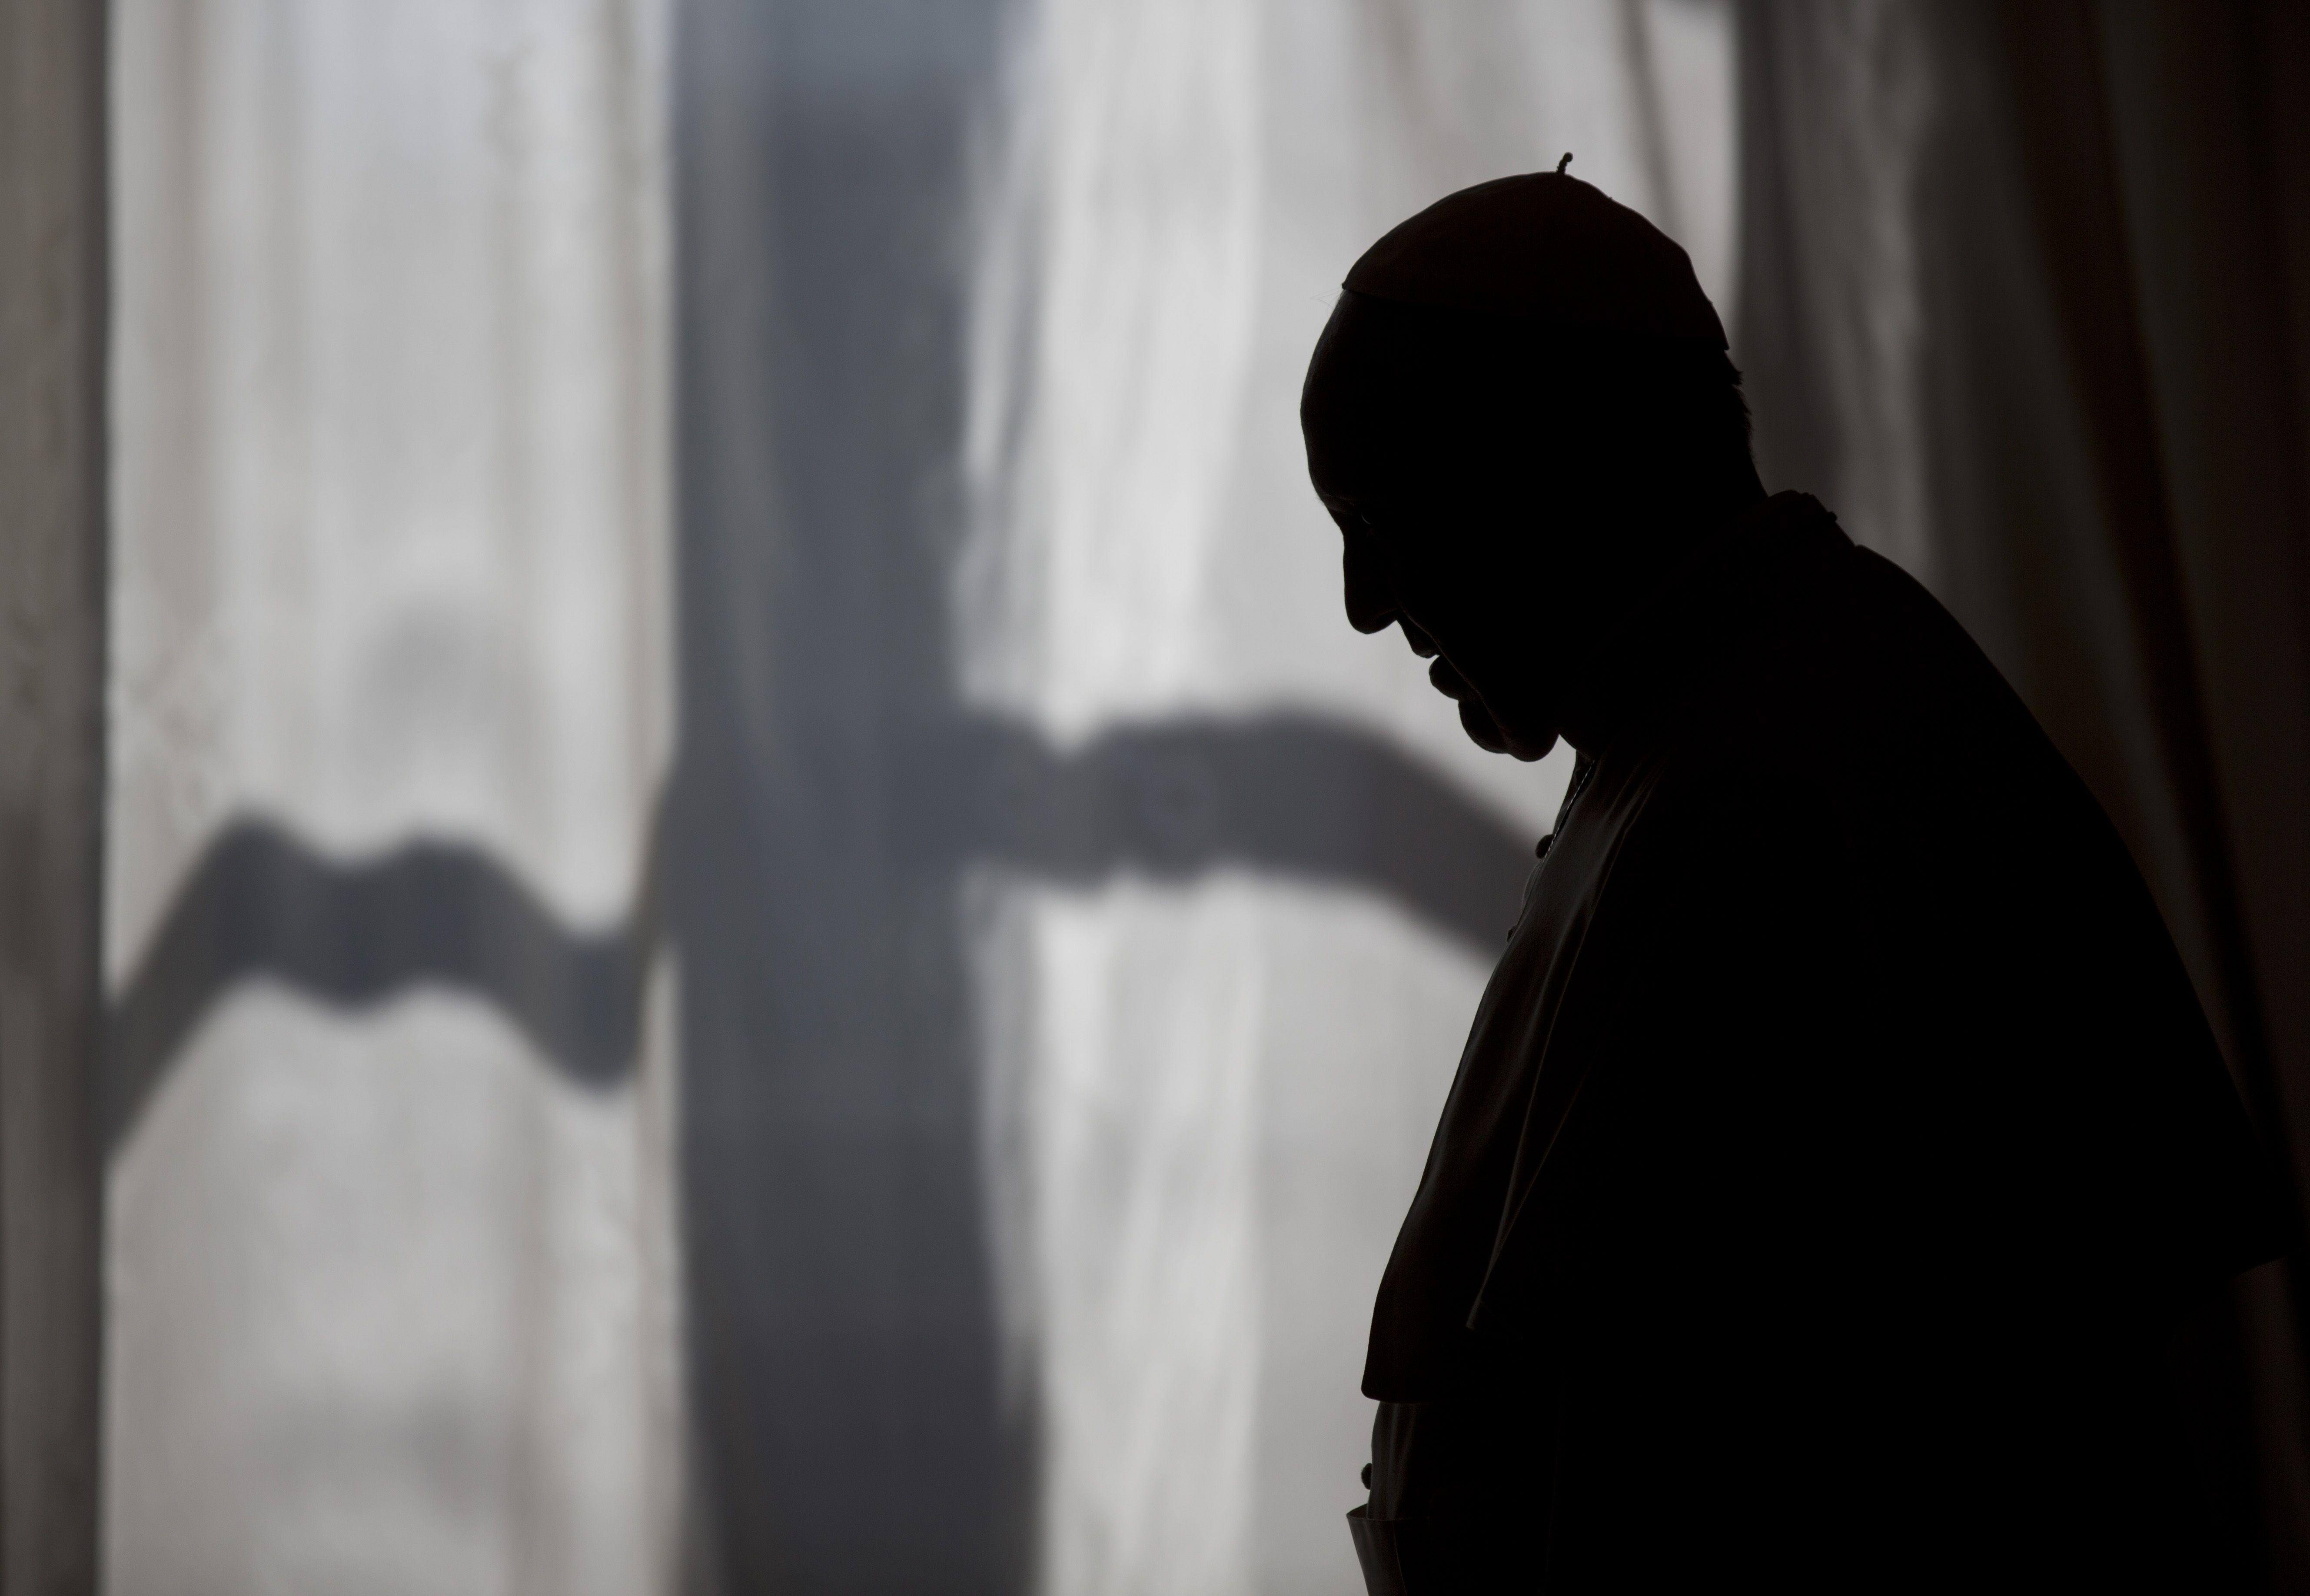 Cosa succederà ora che Papa Francesco si è espresso a favore delle unioni civili?